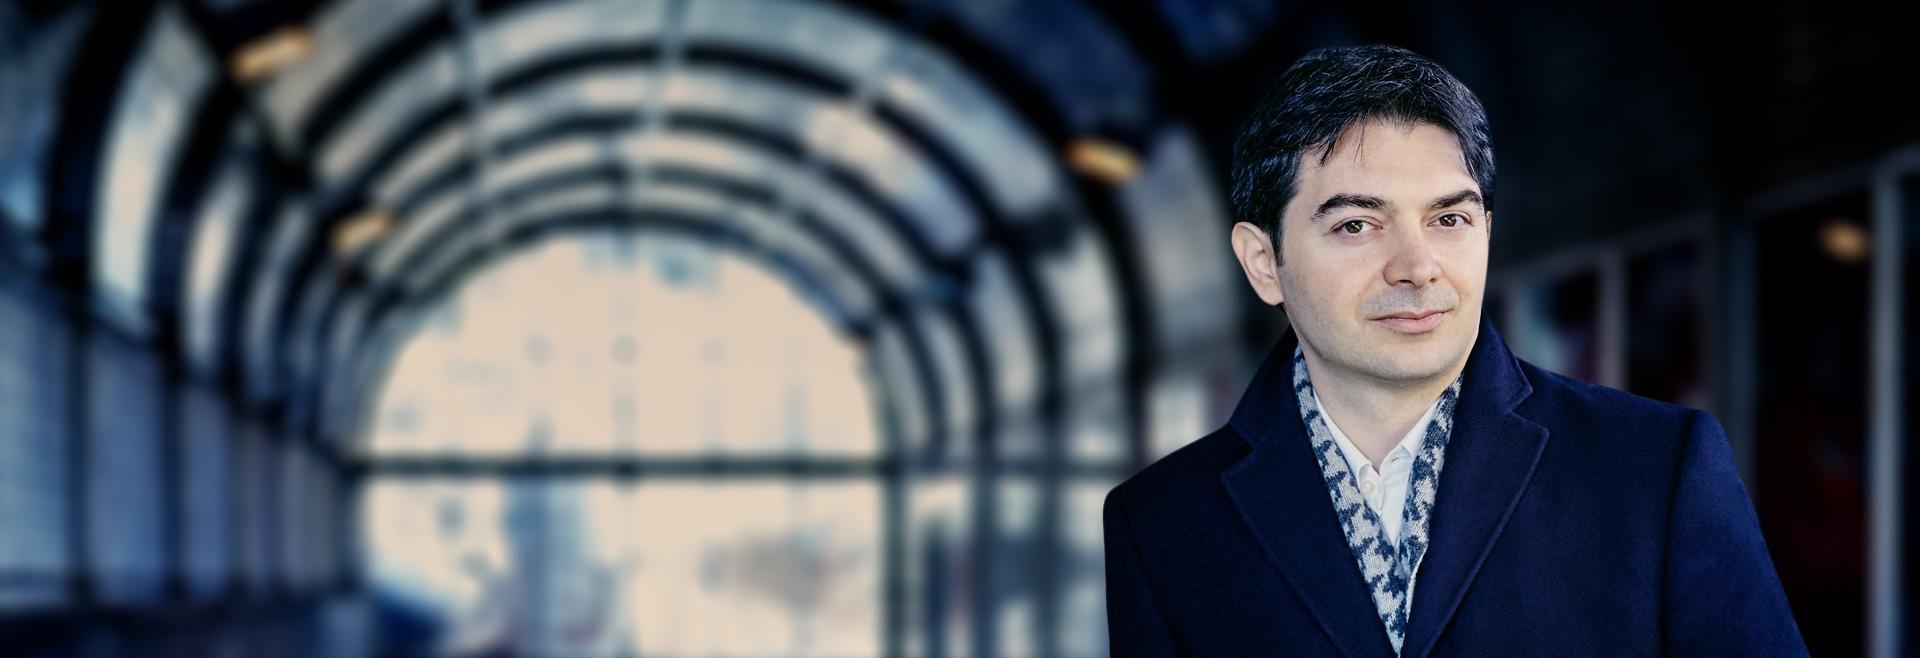 Stefano Greco, pianist